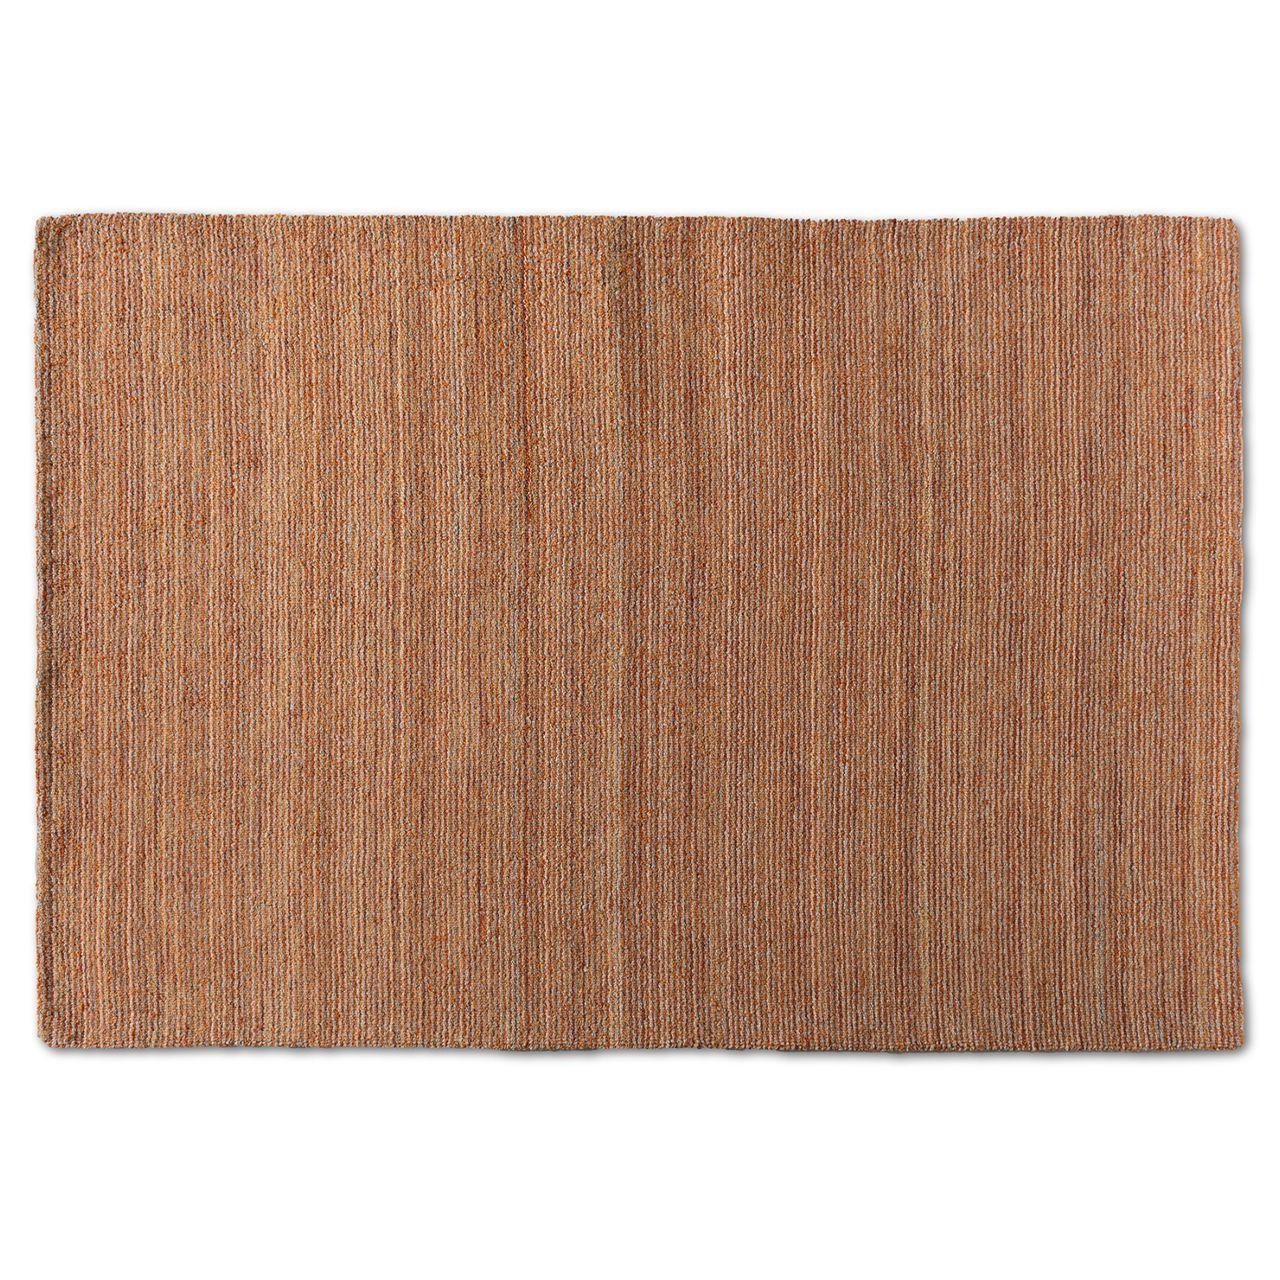 Baxton Studio Aral Rust Handwoven Wool Area Rug